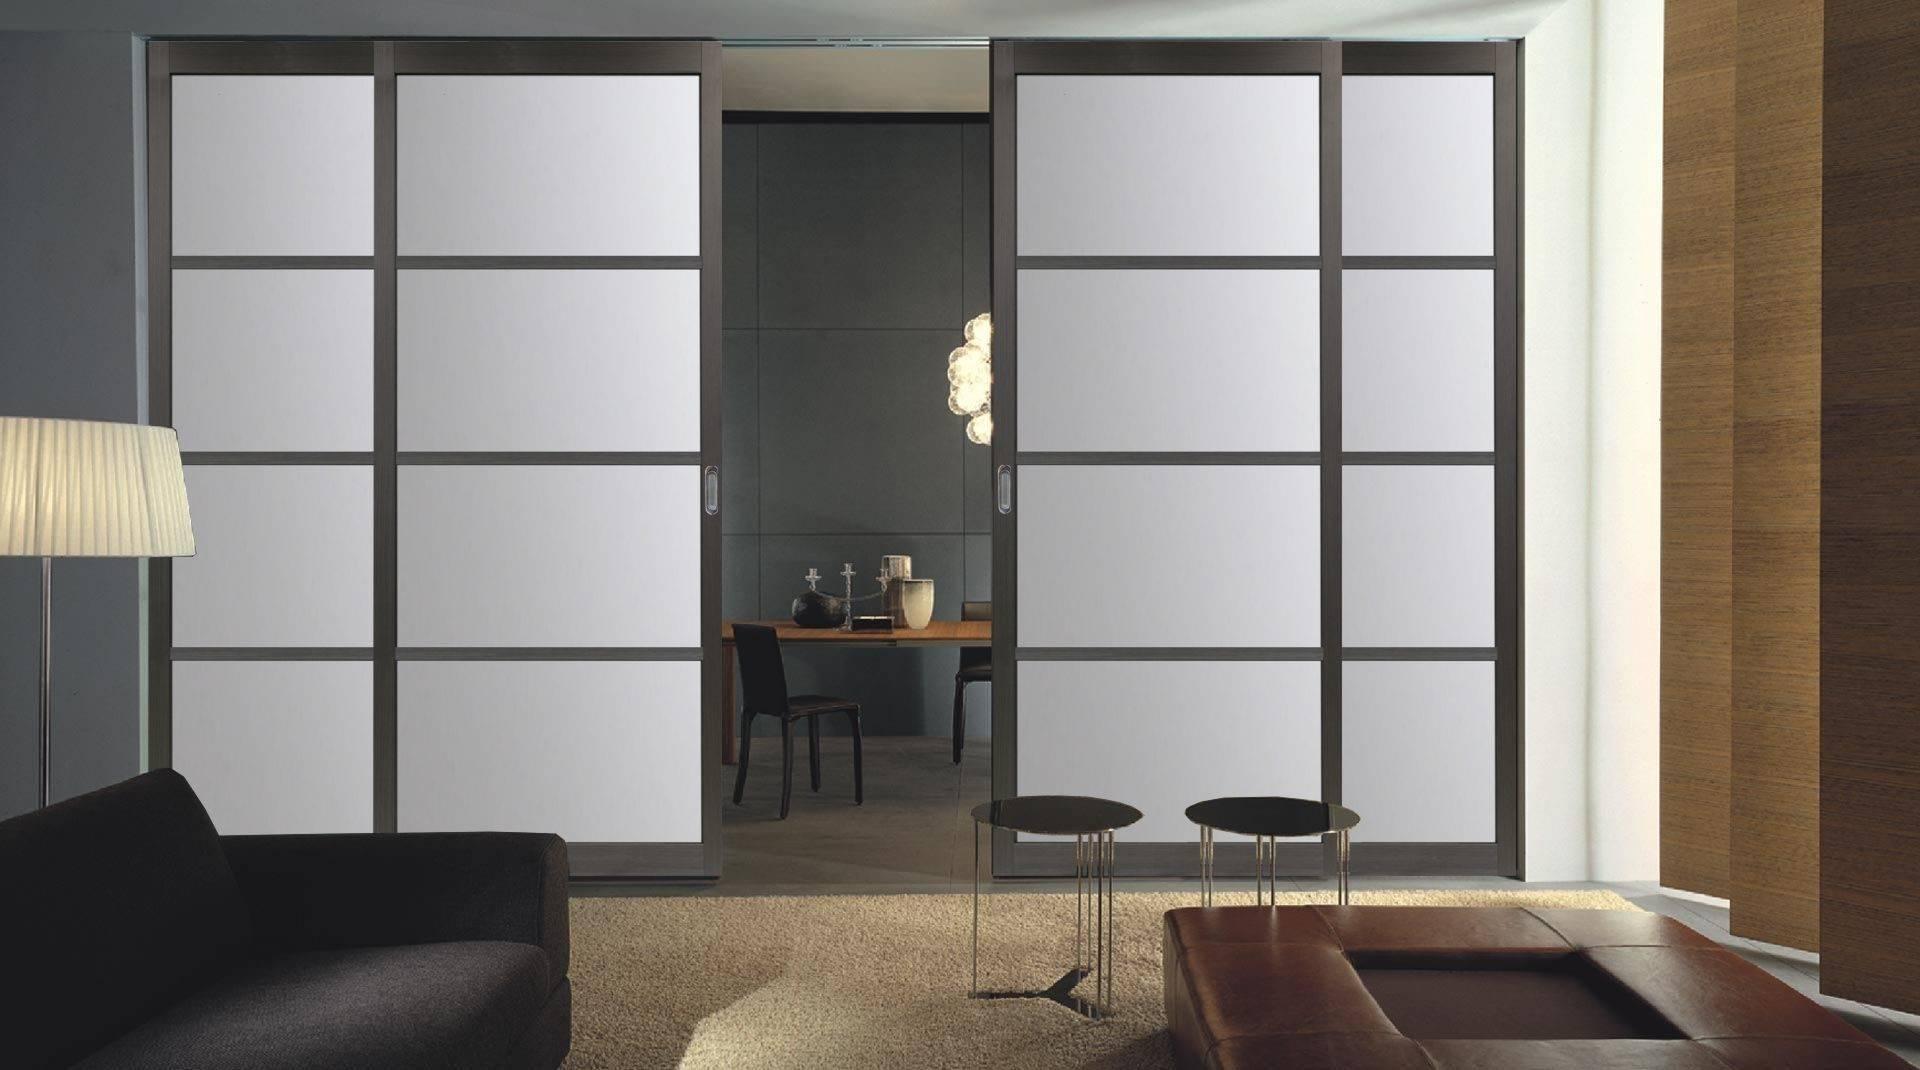 Стеклянные межкомнатные двери: раздвижные, распашные, матовые (50 фото разных моделей) - nravstvennost.info